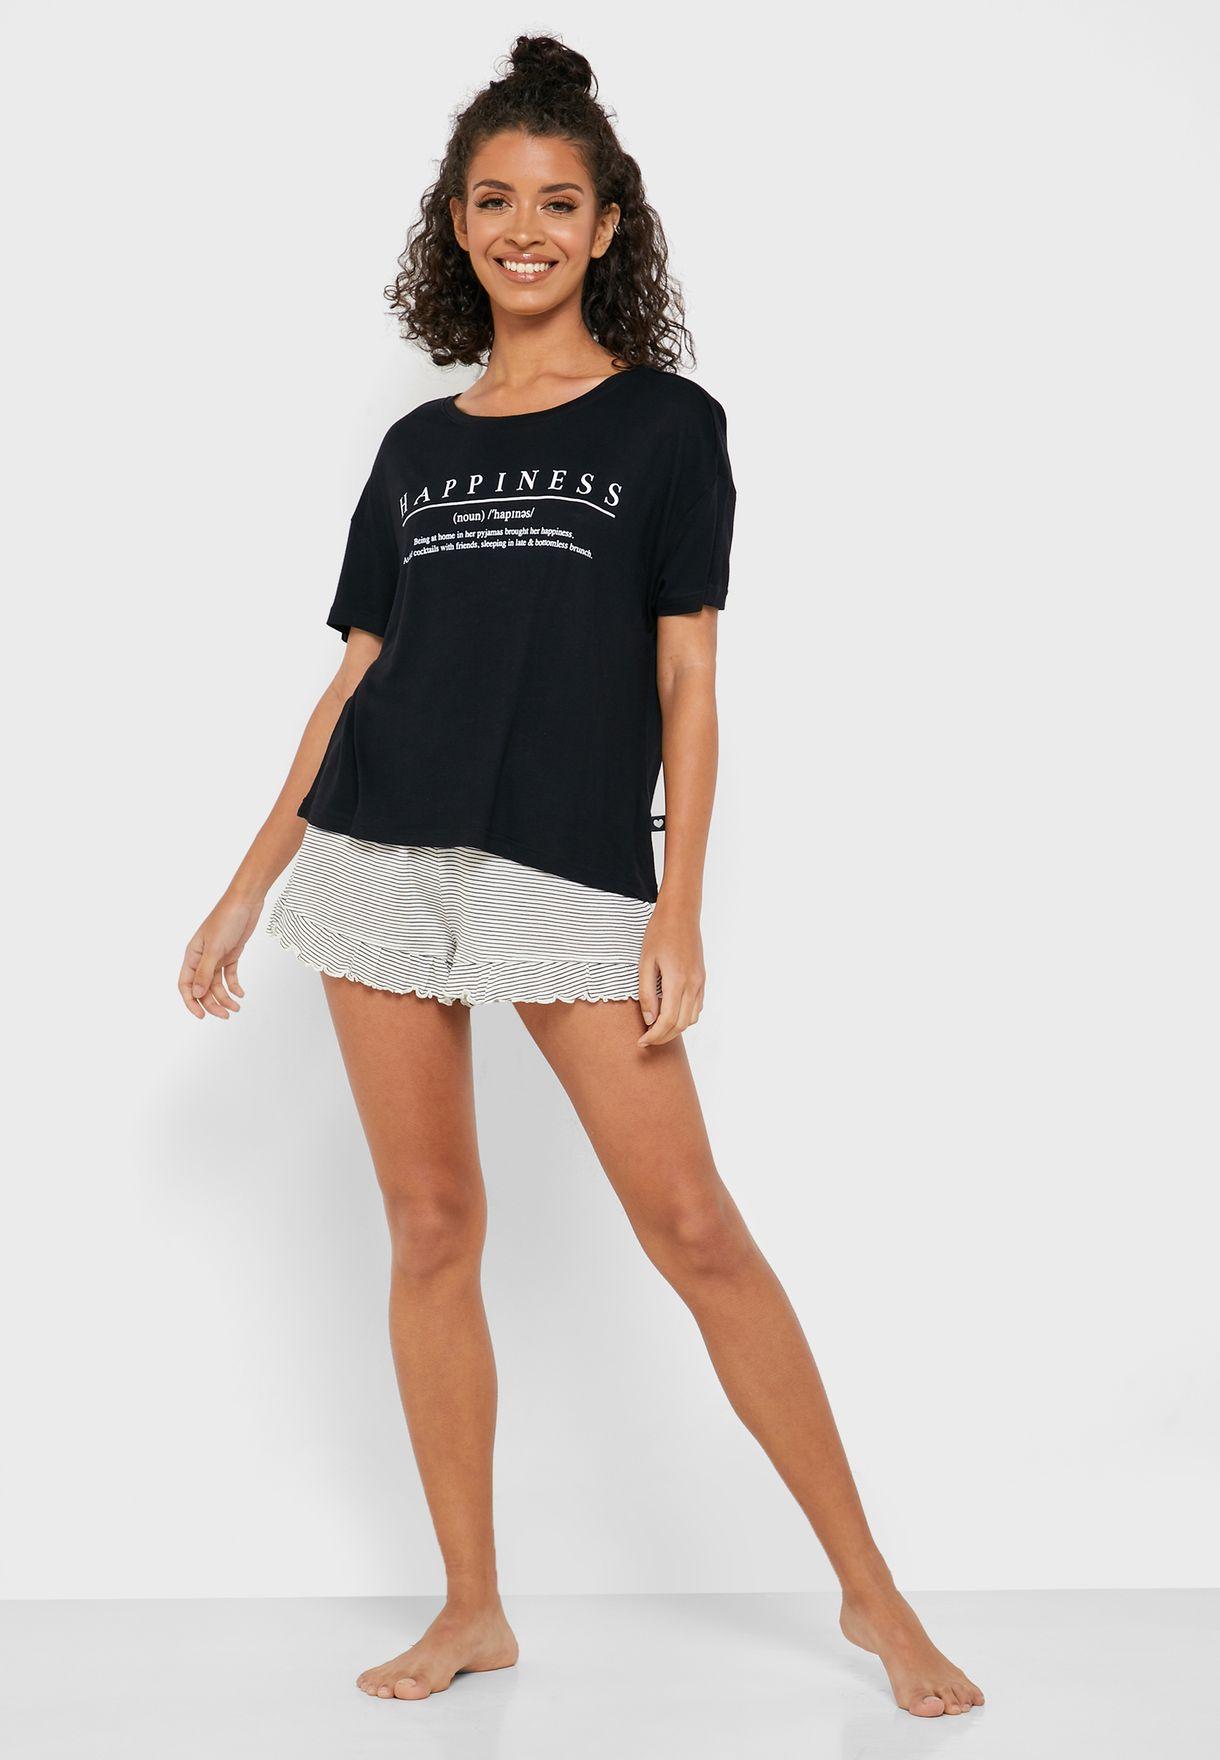 Slogan T-shirt and Shorts Set